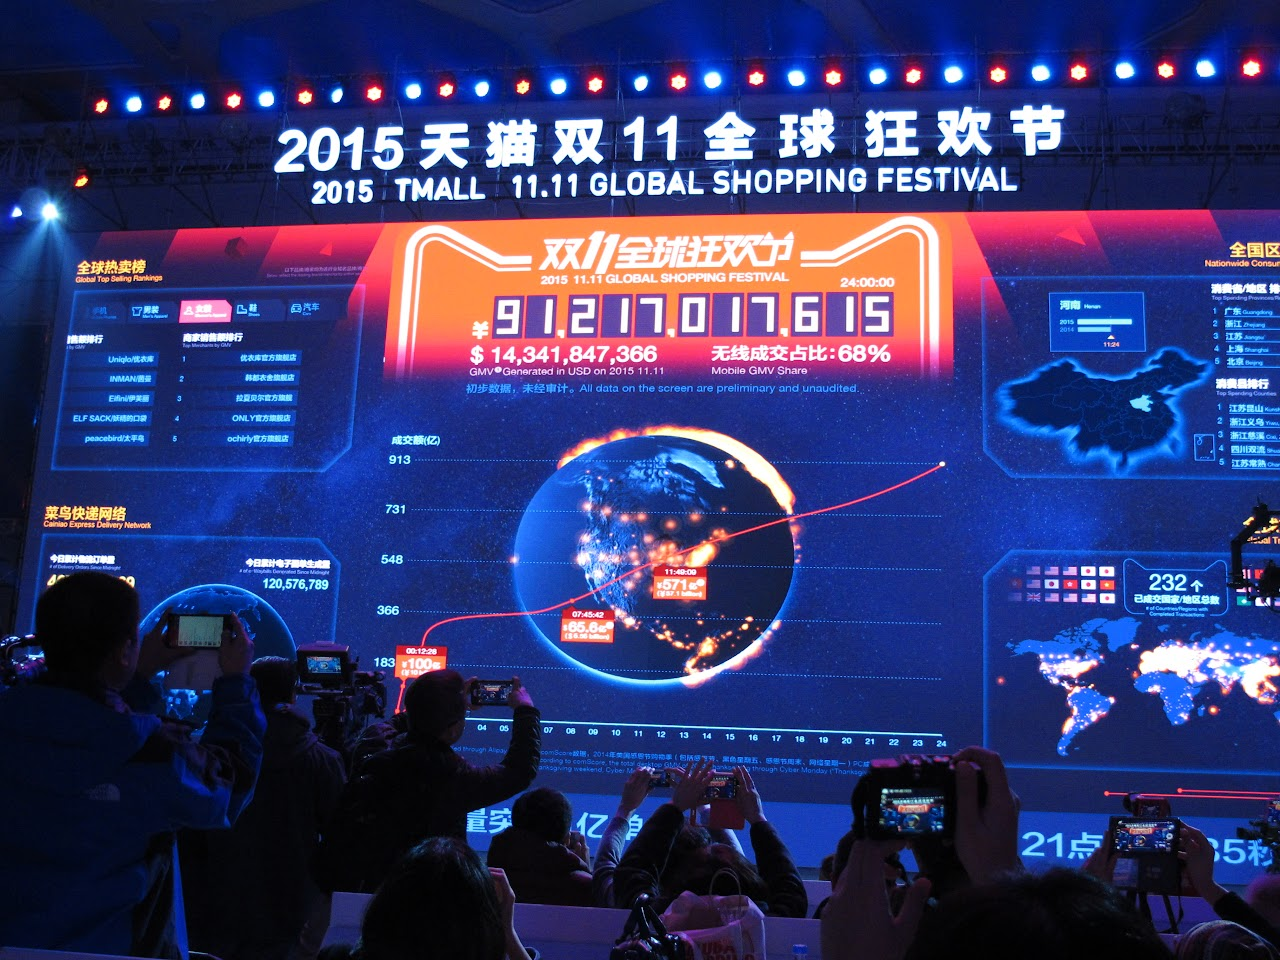 單日交易額912.17億人民幣,馬雲:雙11可以做100年